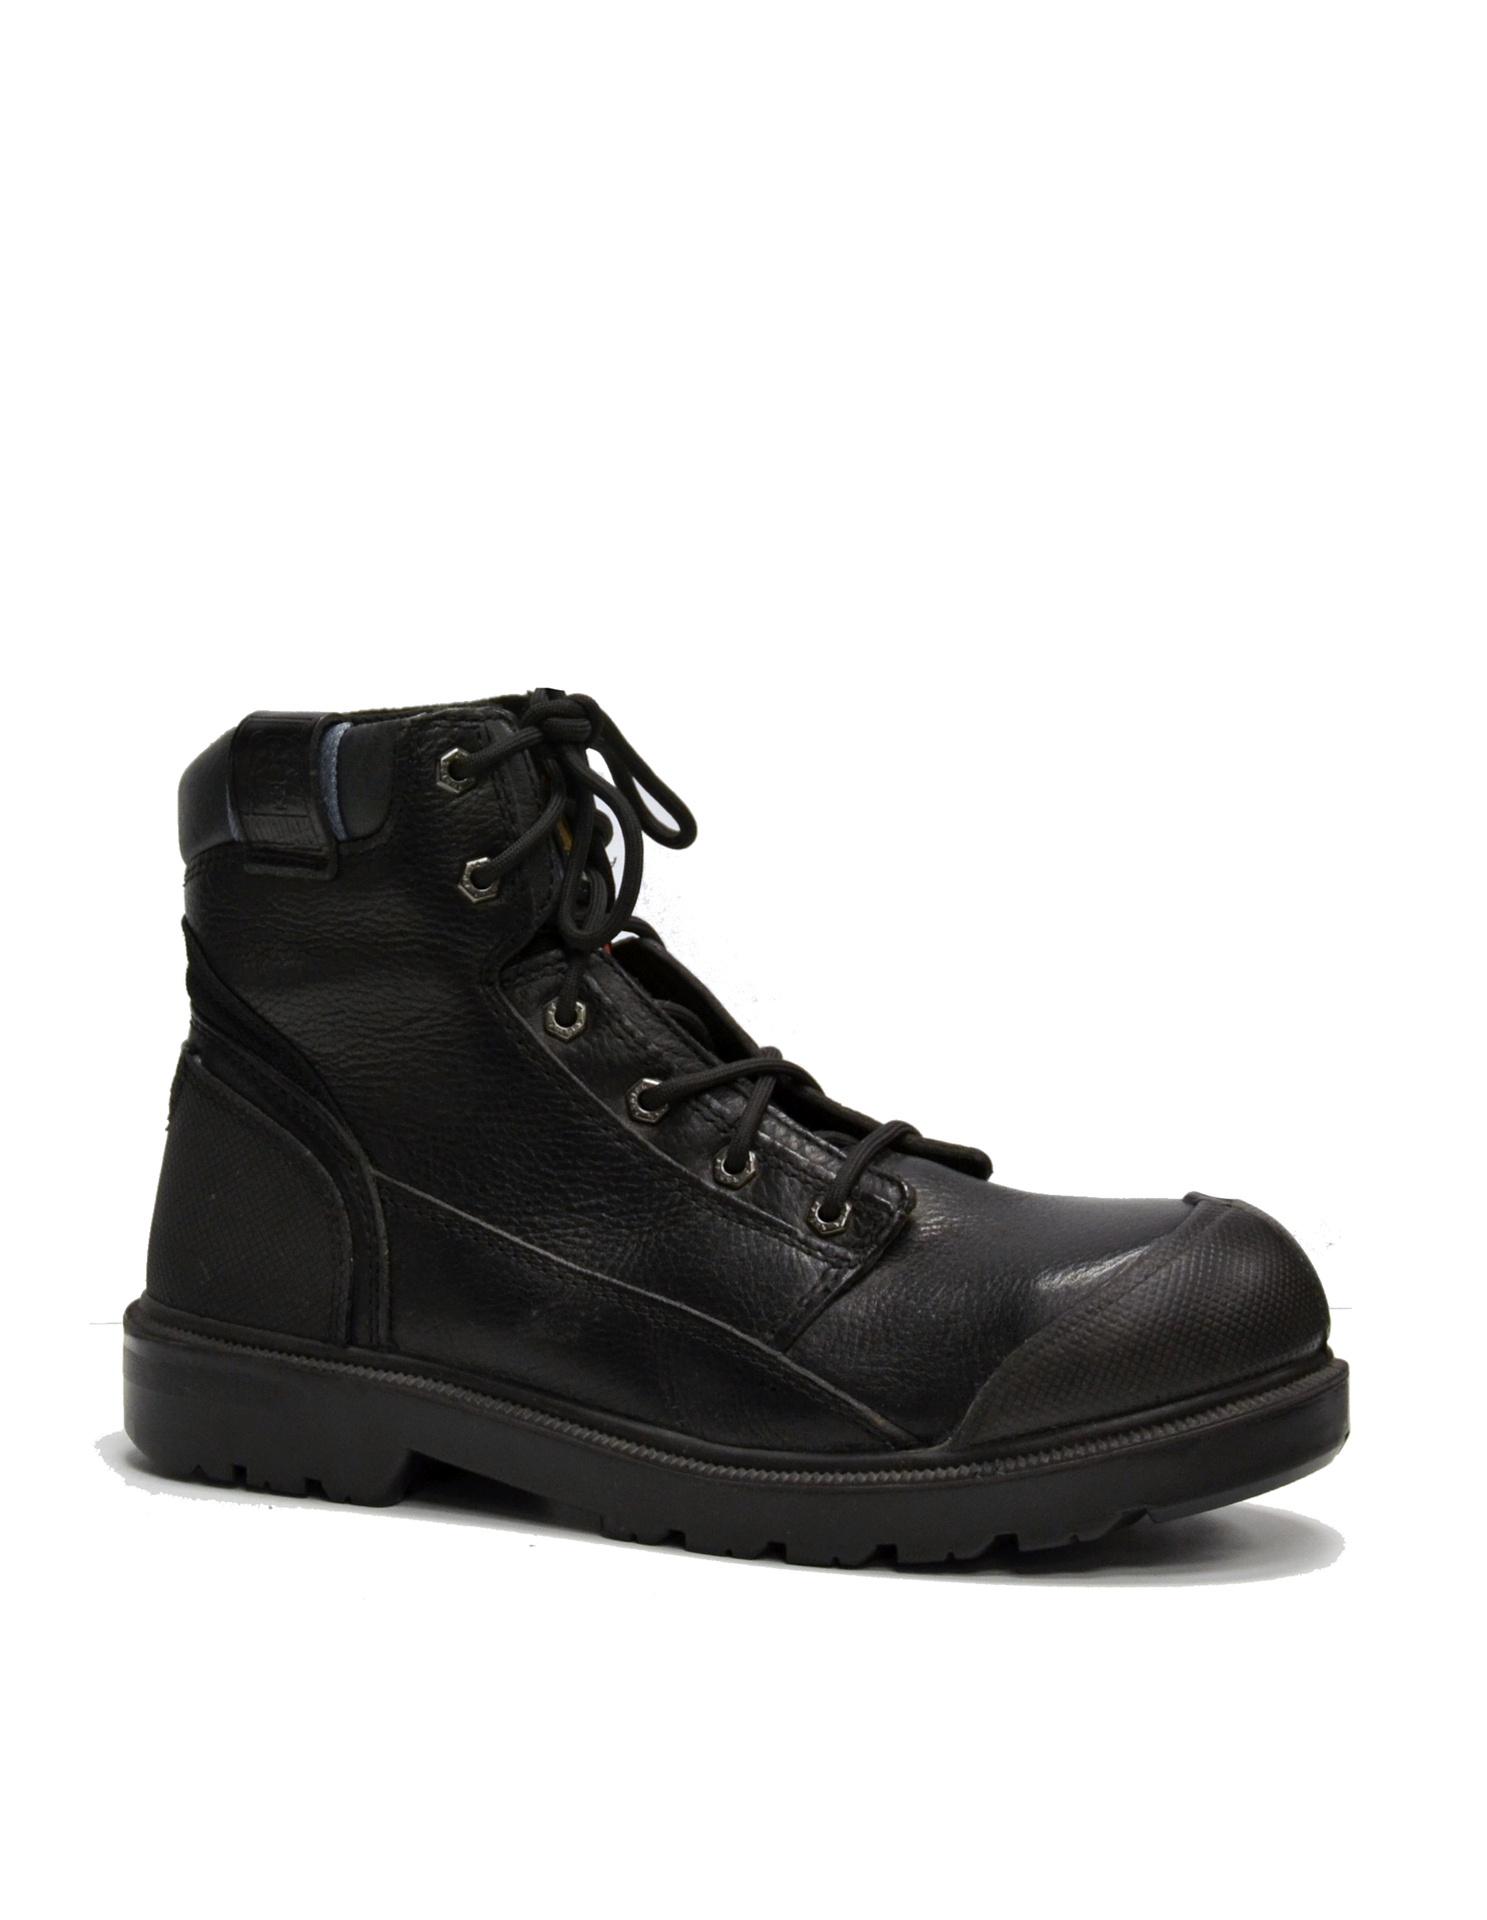 Kodiak Work Shoes Canada